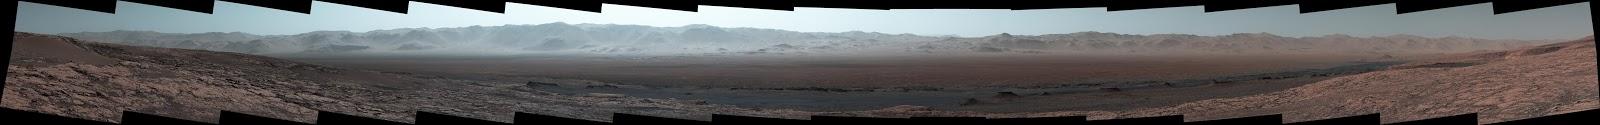 Imagen panorámica desde el cráter Gale de Marte